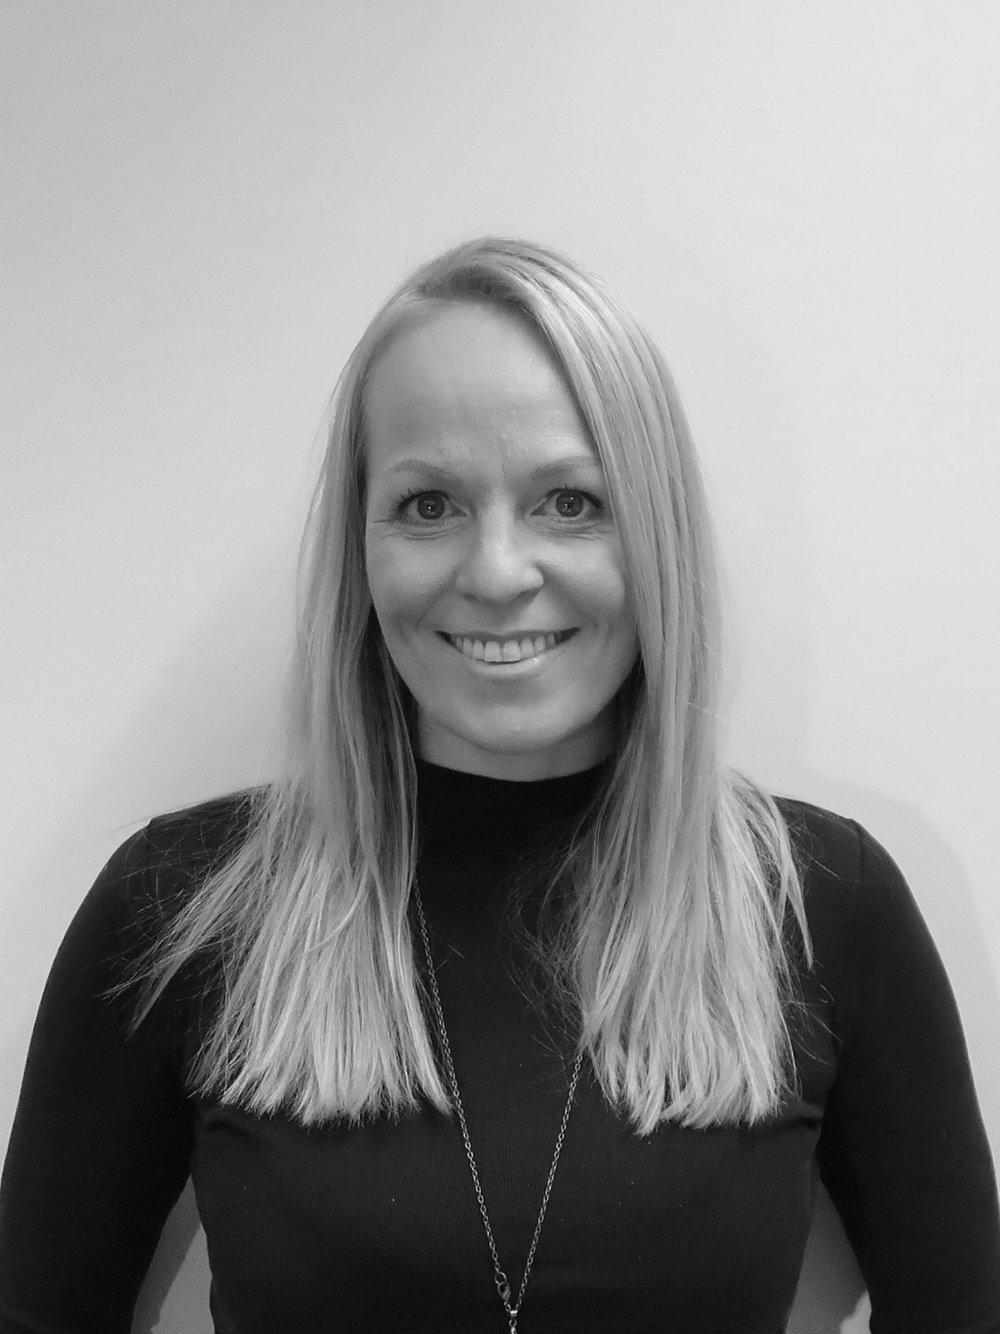 Siri Sandbeck Walther - Partner, Daglig leder / CVsiri@frostark.no+47 45 91 79 37Siri ble uteksaminert med mastergrad fra NTNU i 2010, og har opparbeidet bred erfaring med prosjektering innenfor boliger og fritidsboliger, tilbygg og påbygg til eksisterende byggverk. Hun jobber hovedsakelig med regulering av eiendom for bolig/næring i sentrumsområder og allerede etablerte boligområder.Hun har tidligere jobbet i større firmaer som fokuserer på komplekse tomter og utbyggingsområder. Etter å ha drevet enkeltpersonforetaket Sandbeck Arkitektur gikk hun inn i Frost Arkitekter AS i 2014 med Ida. Siri er daglig leder med hovedansvar for kontrollsystemer og den daglige drift.